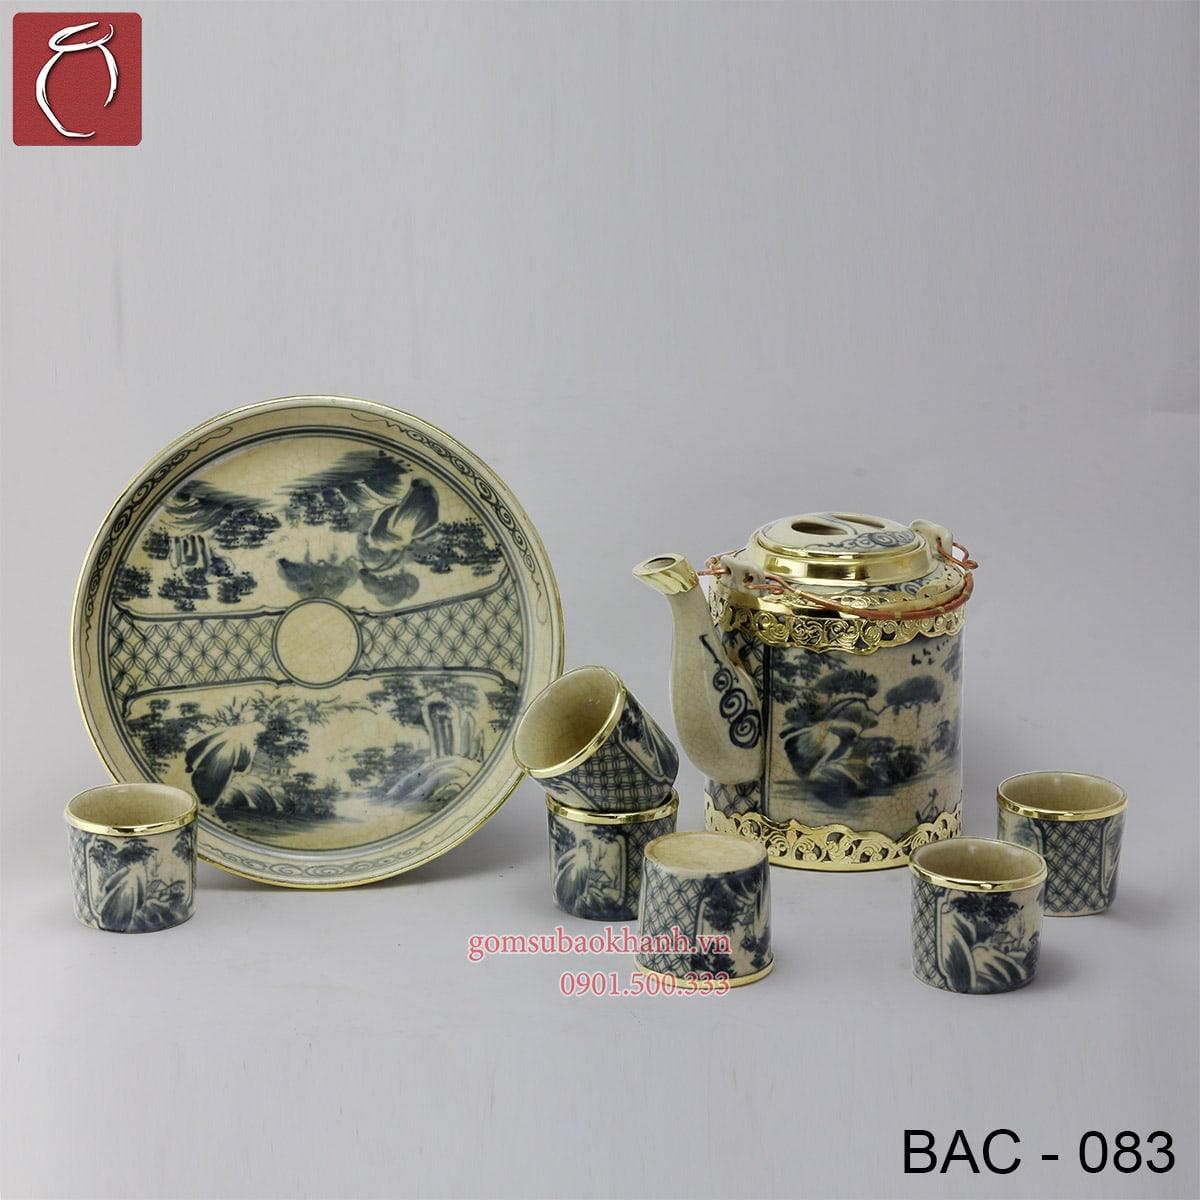 Bộ ấm chén uống trà tích men rạn bọc đồng vẽ phong cảnh